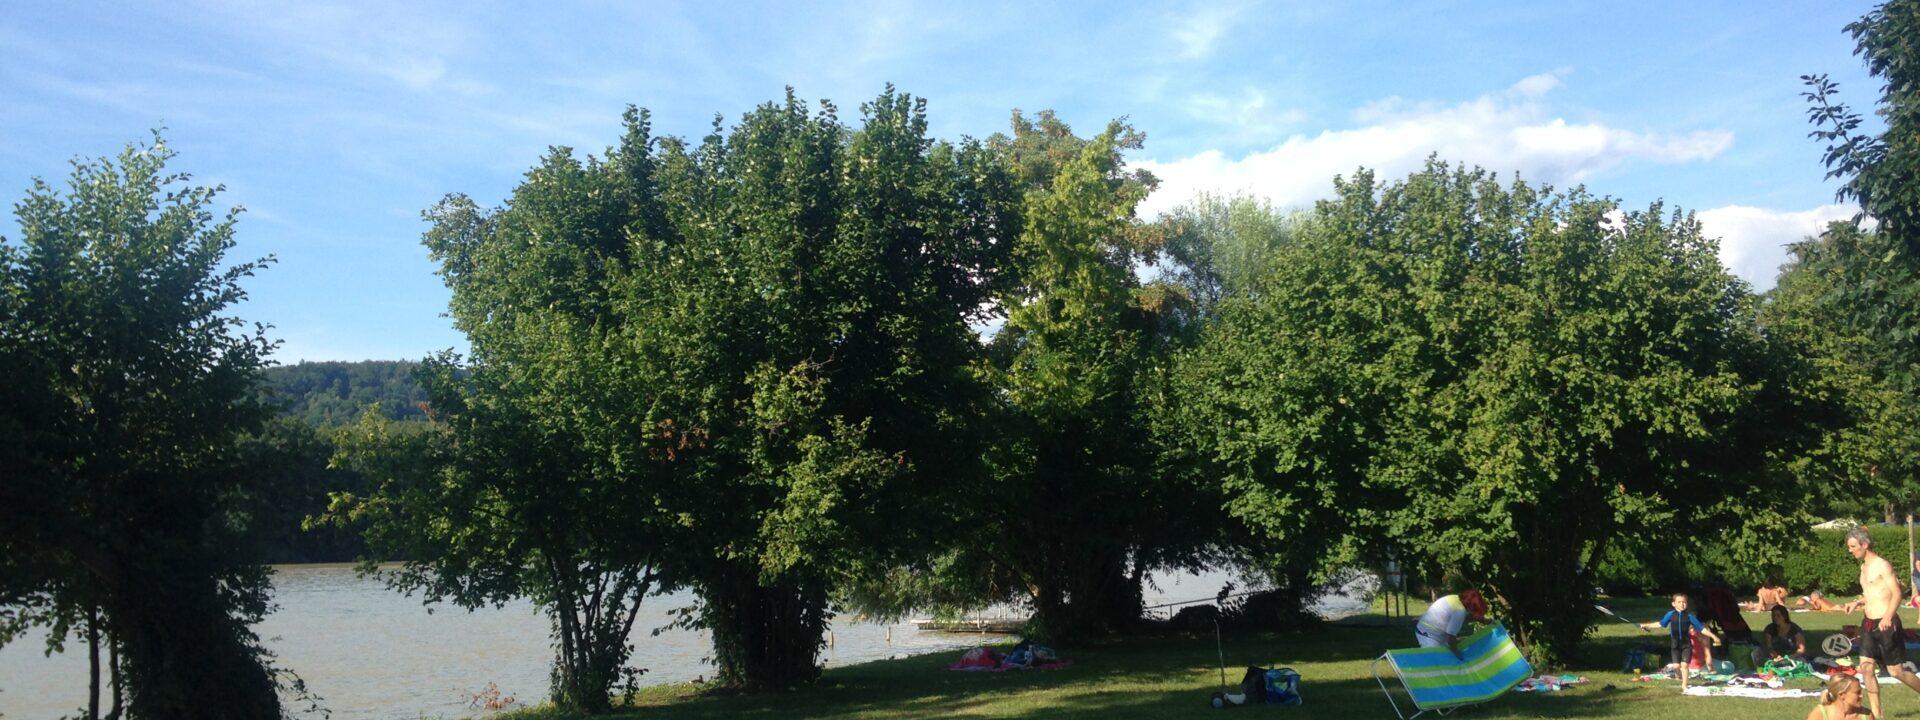 Camping und Schwimmbad am Rhein